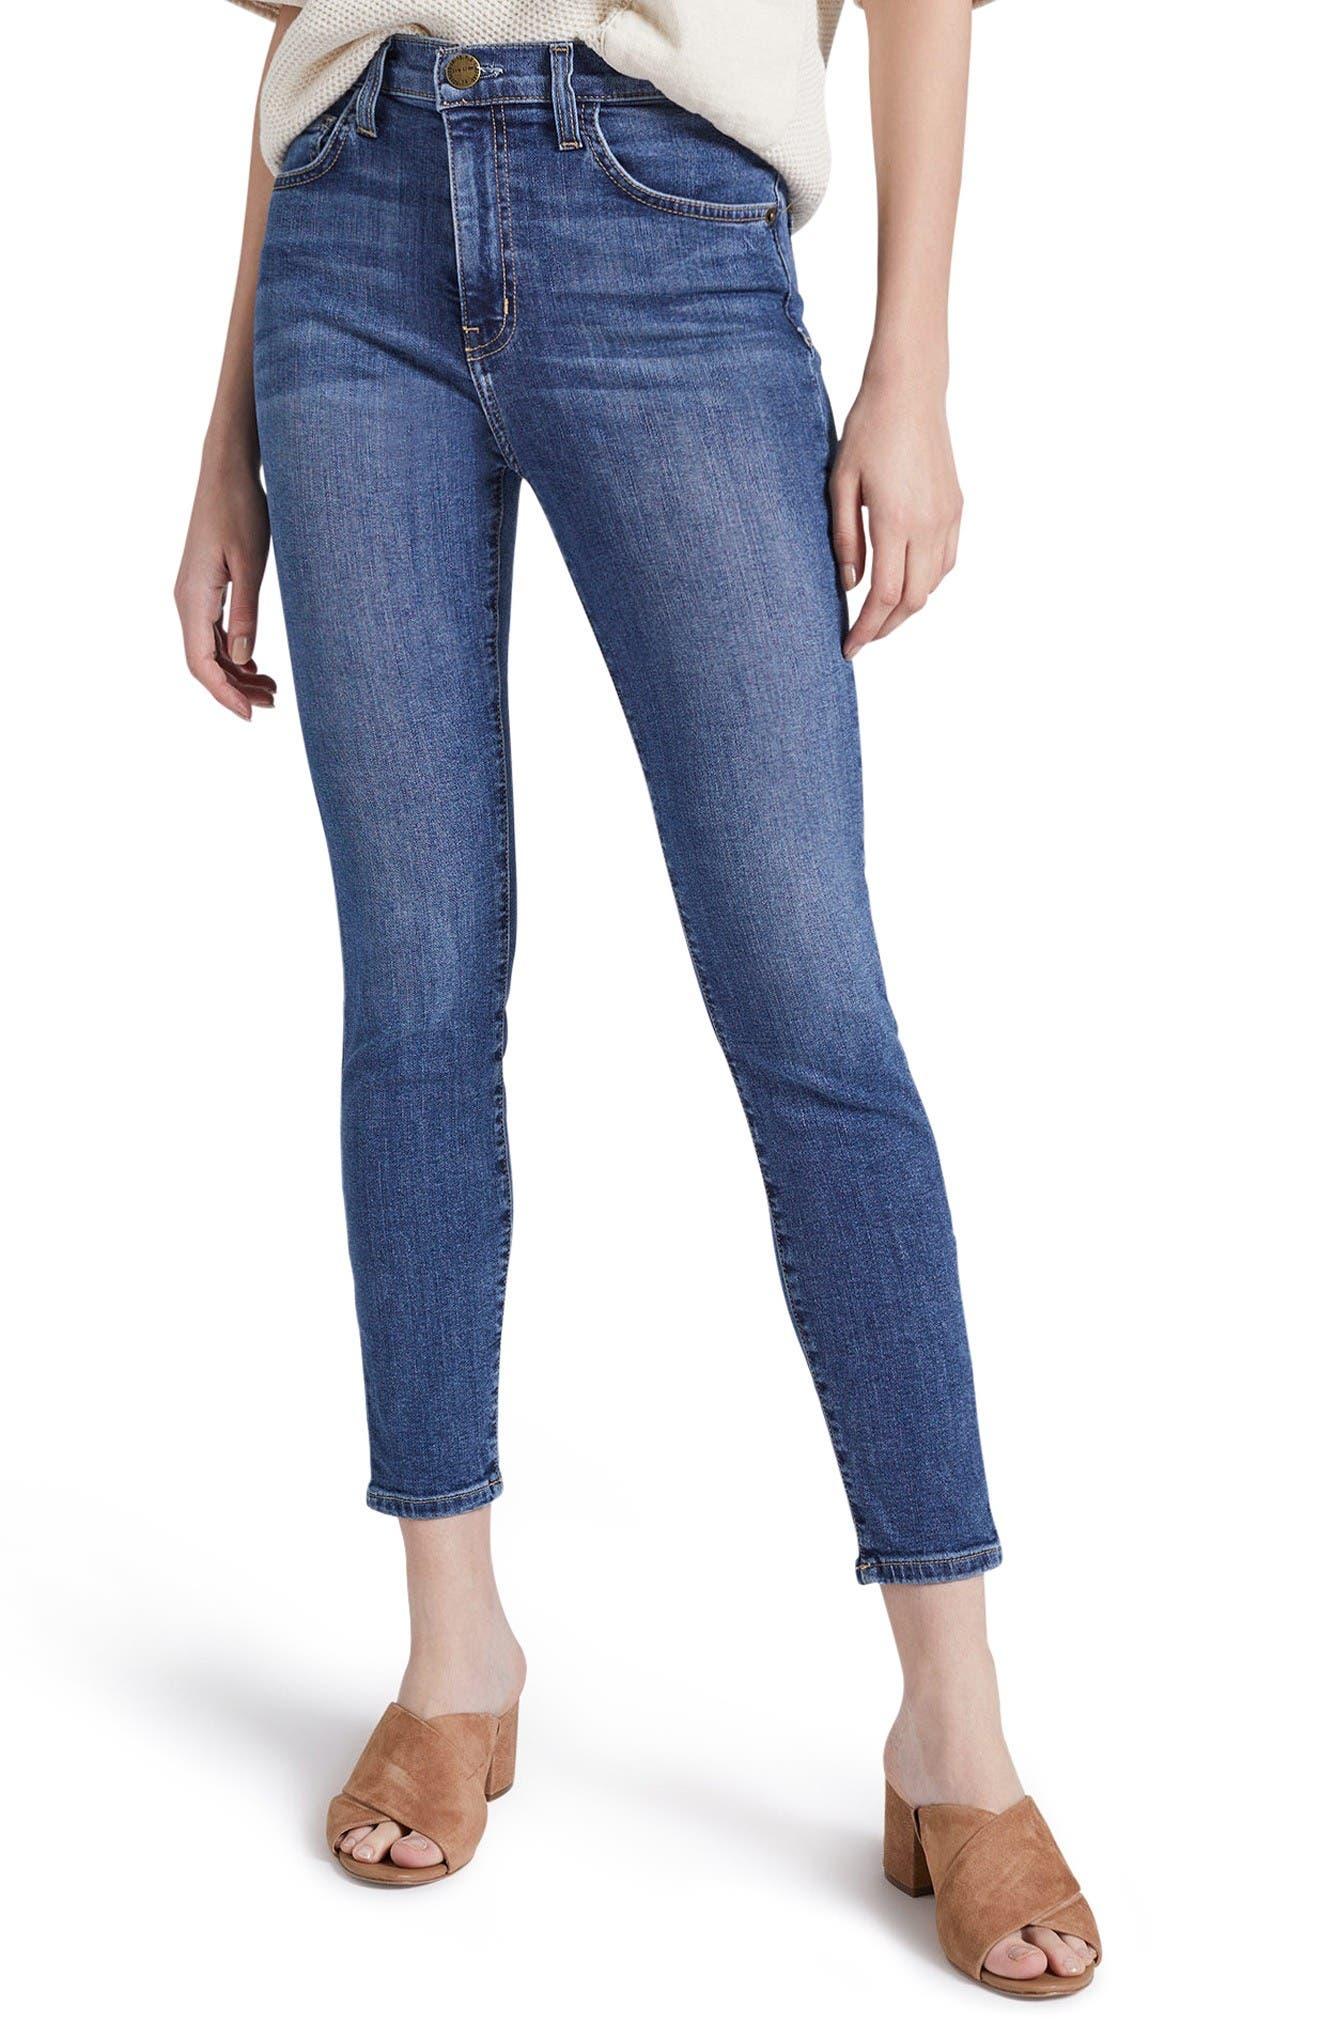 CURRENT/ELLIOTT The Super High Waist Stiletto Crop Skinny Jeans